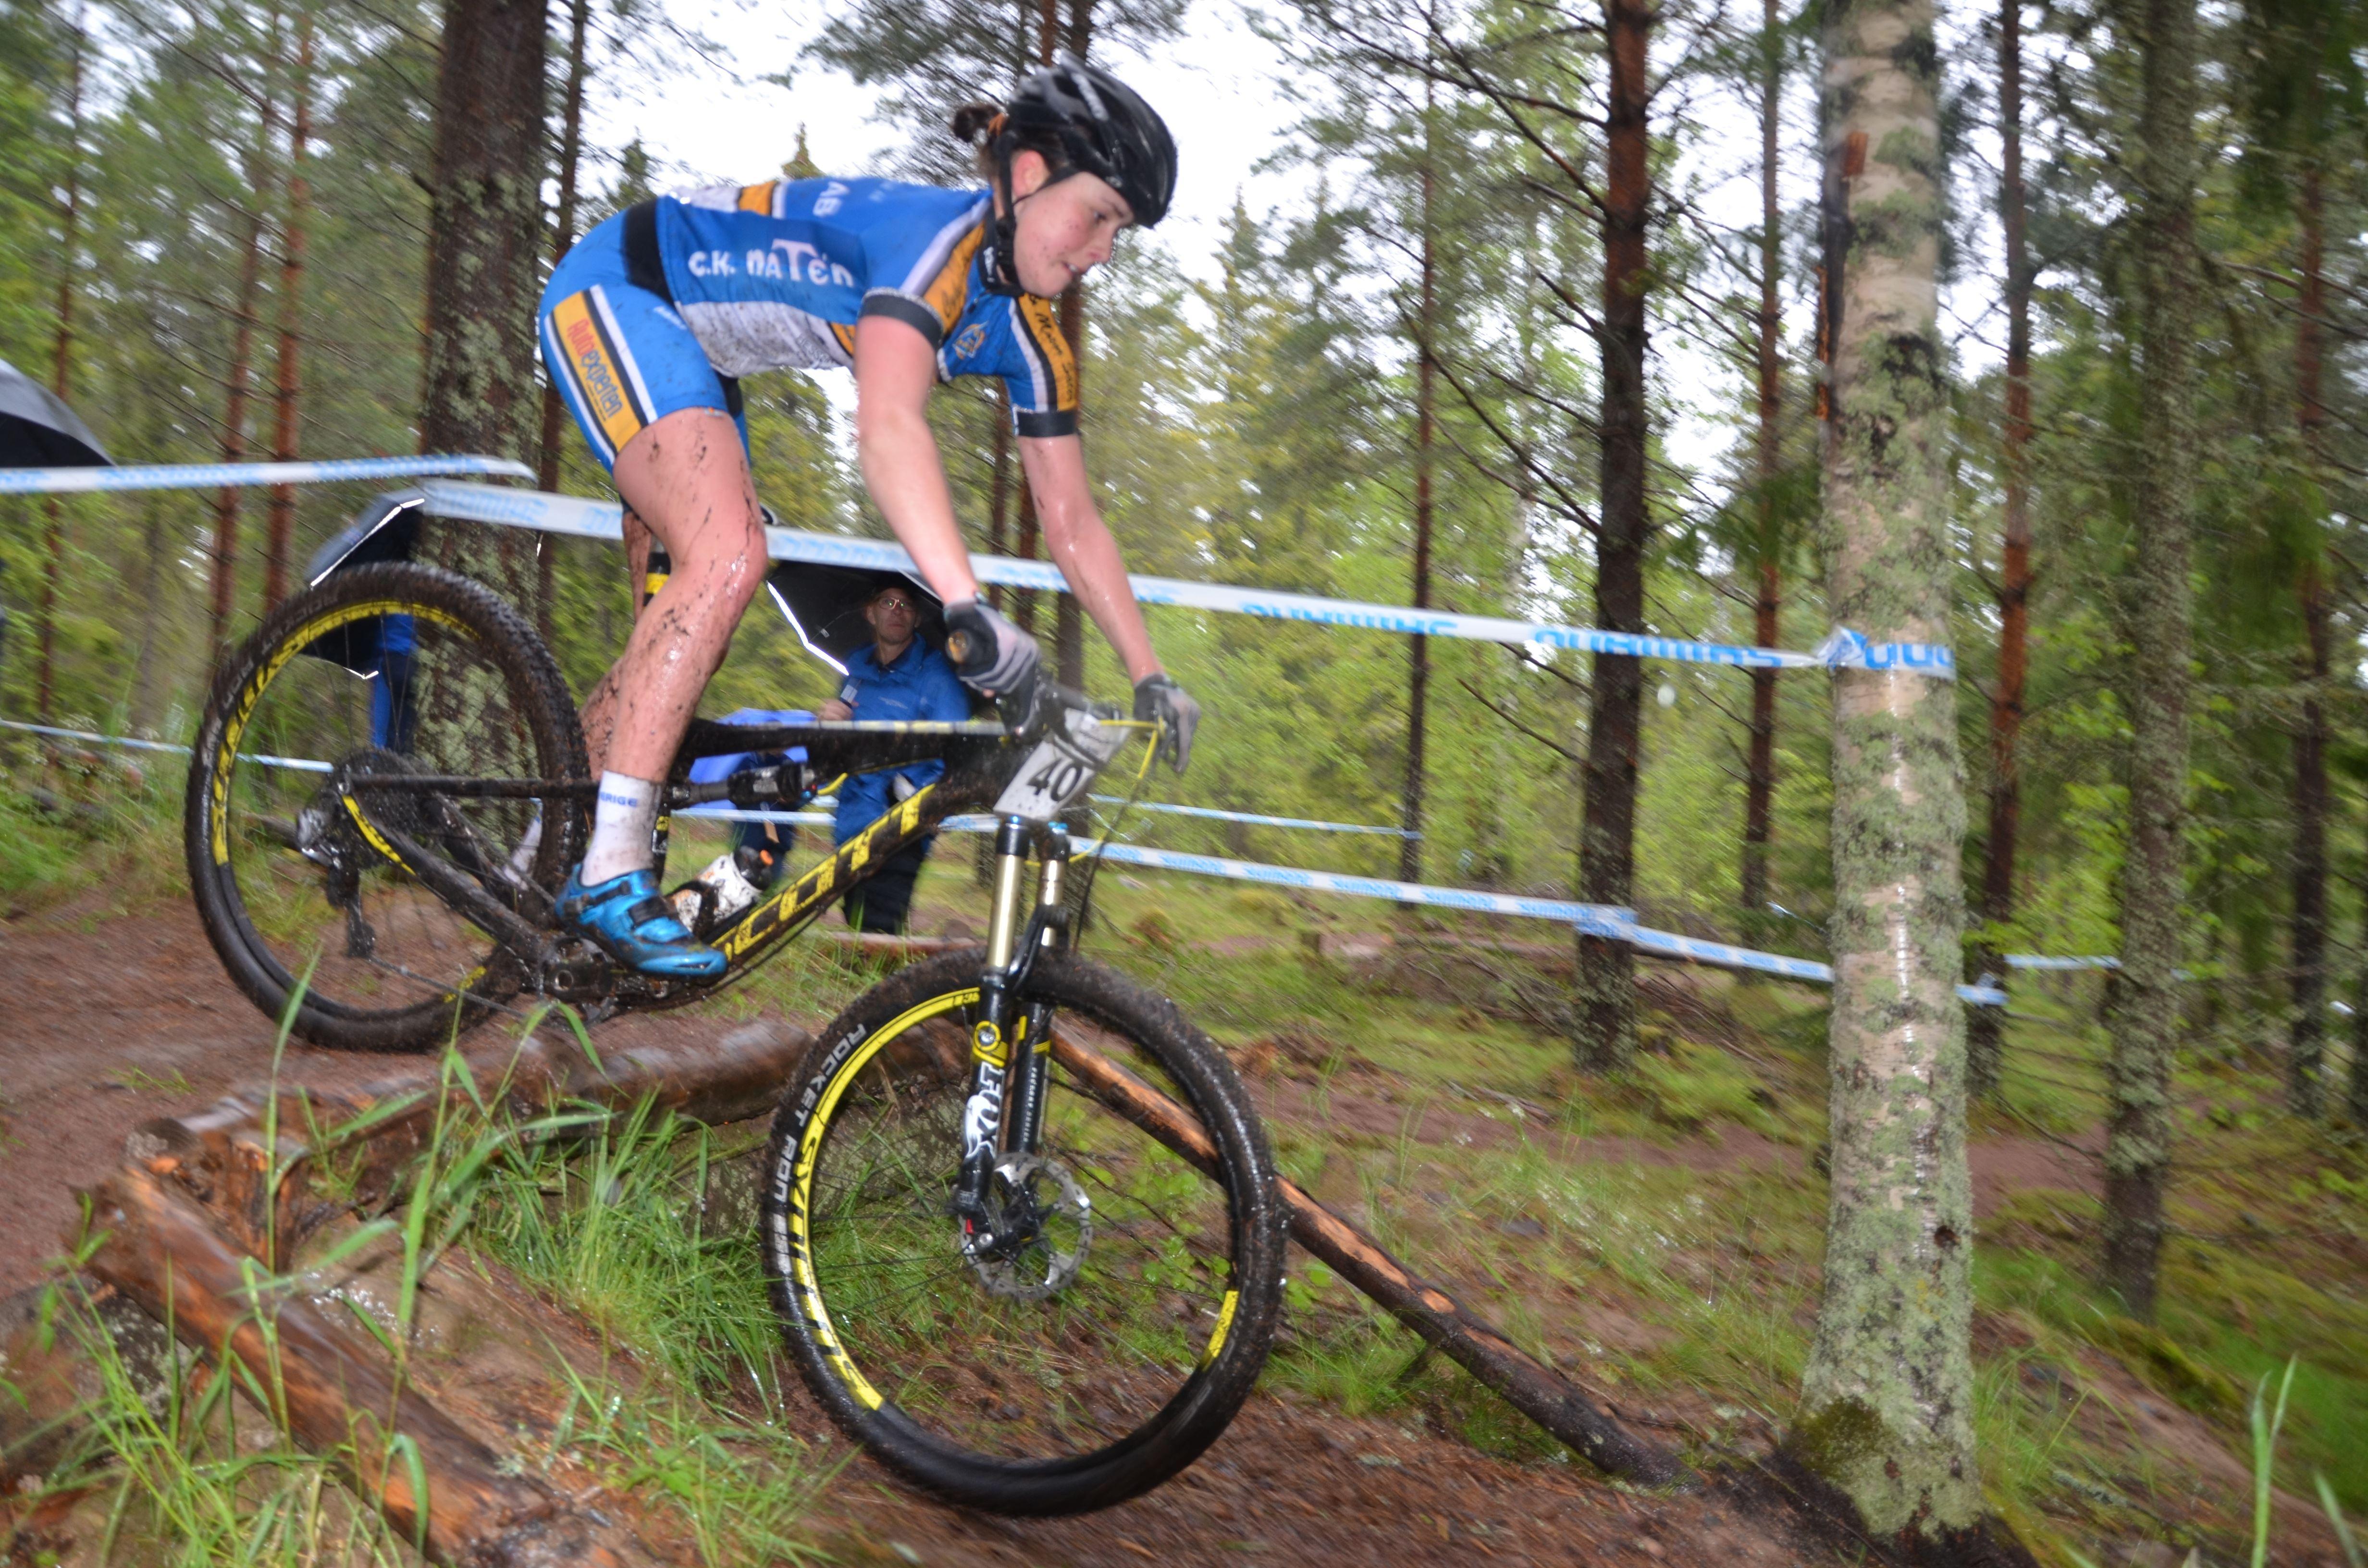 Fotograf är Lasse och Ninni Casserstedt., Selma Svarf från Gustafs